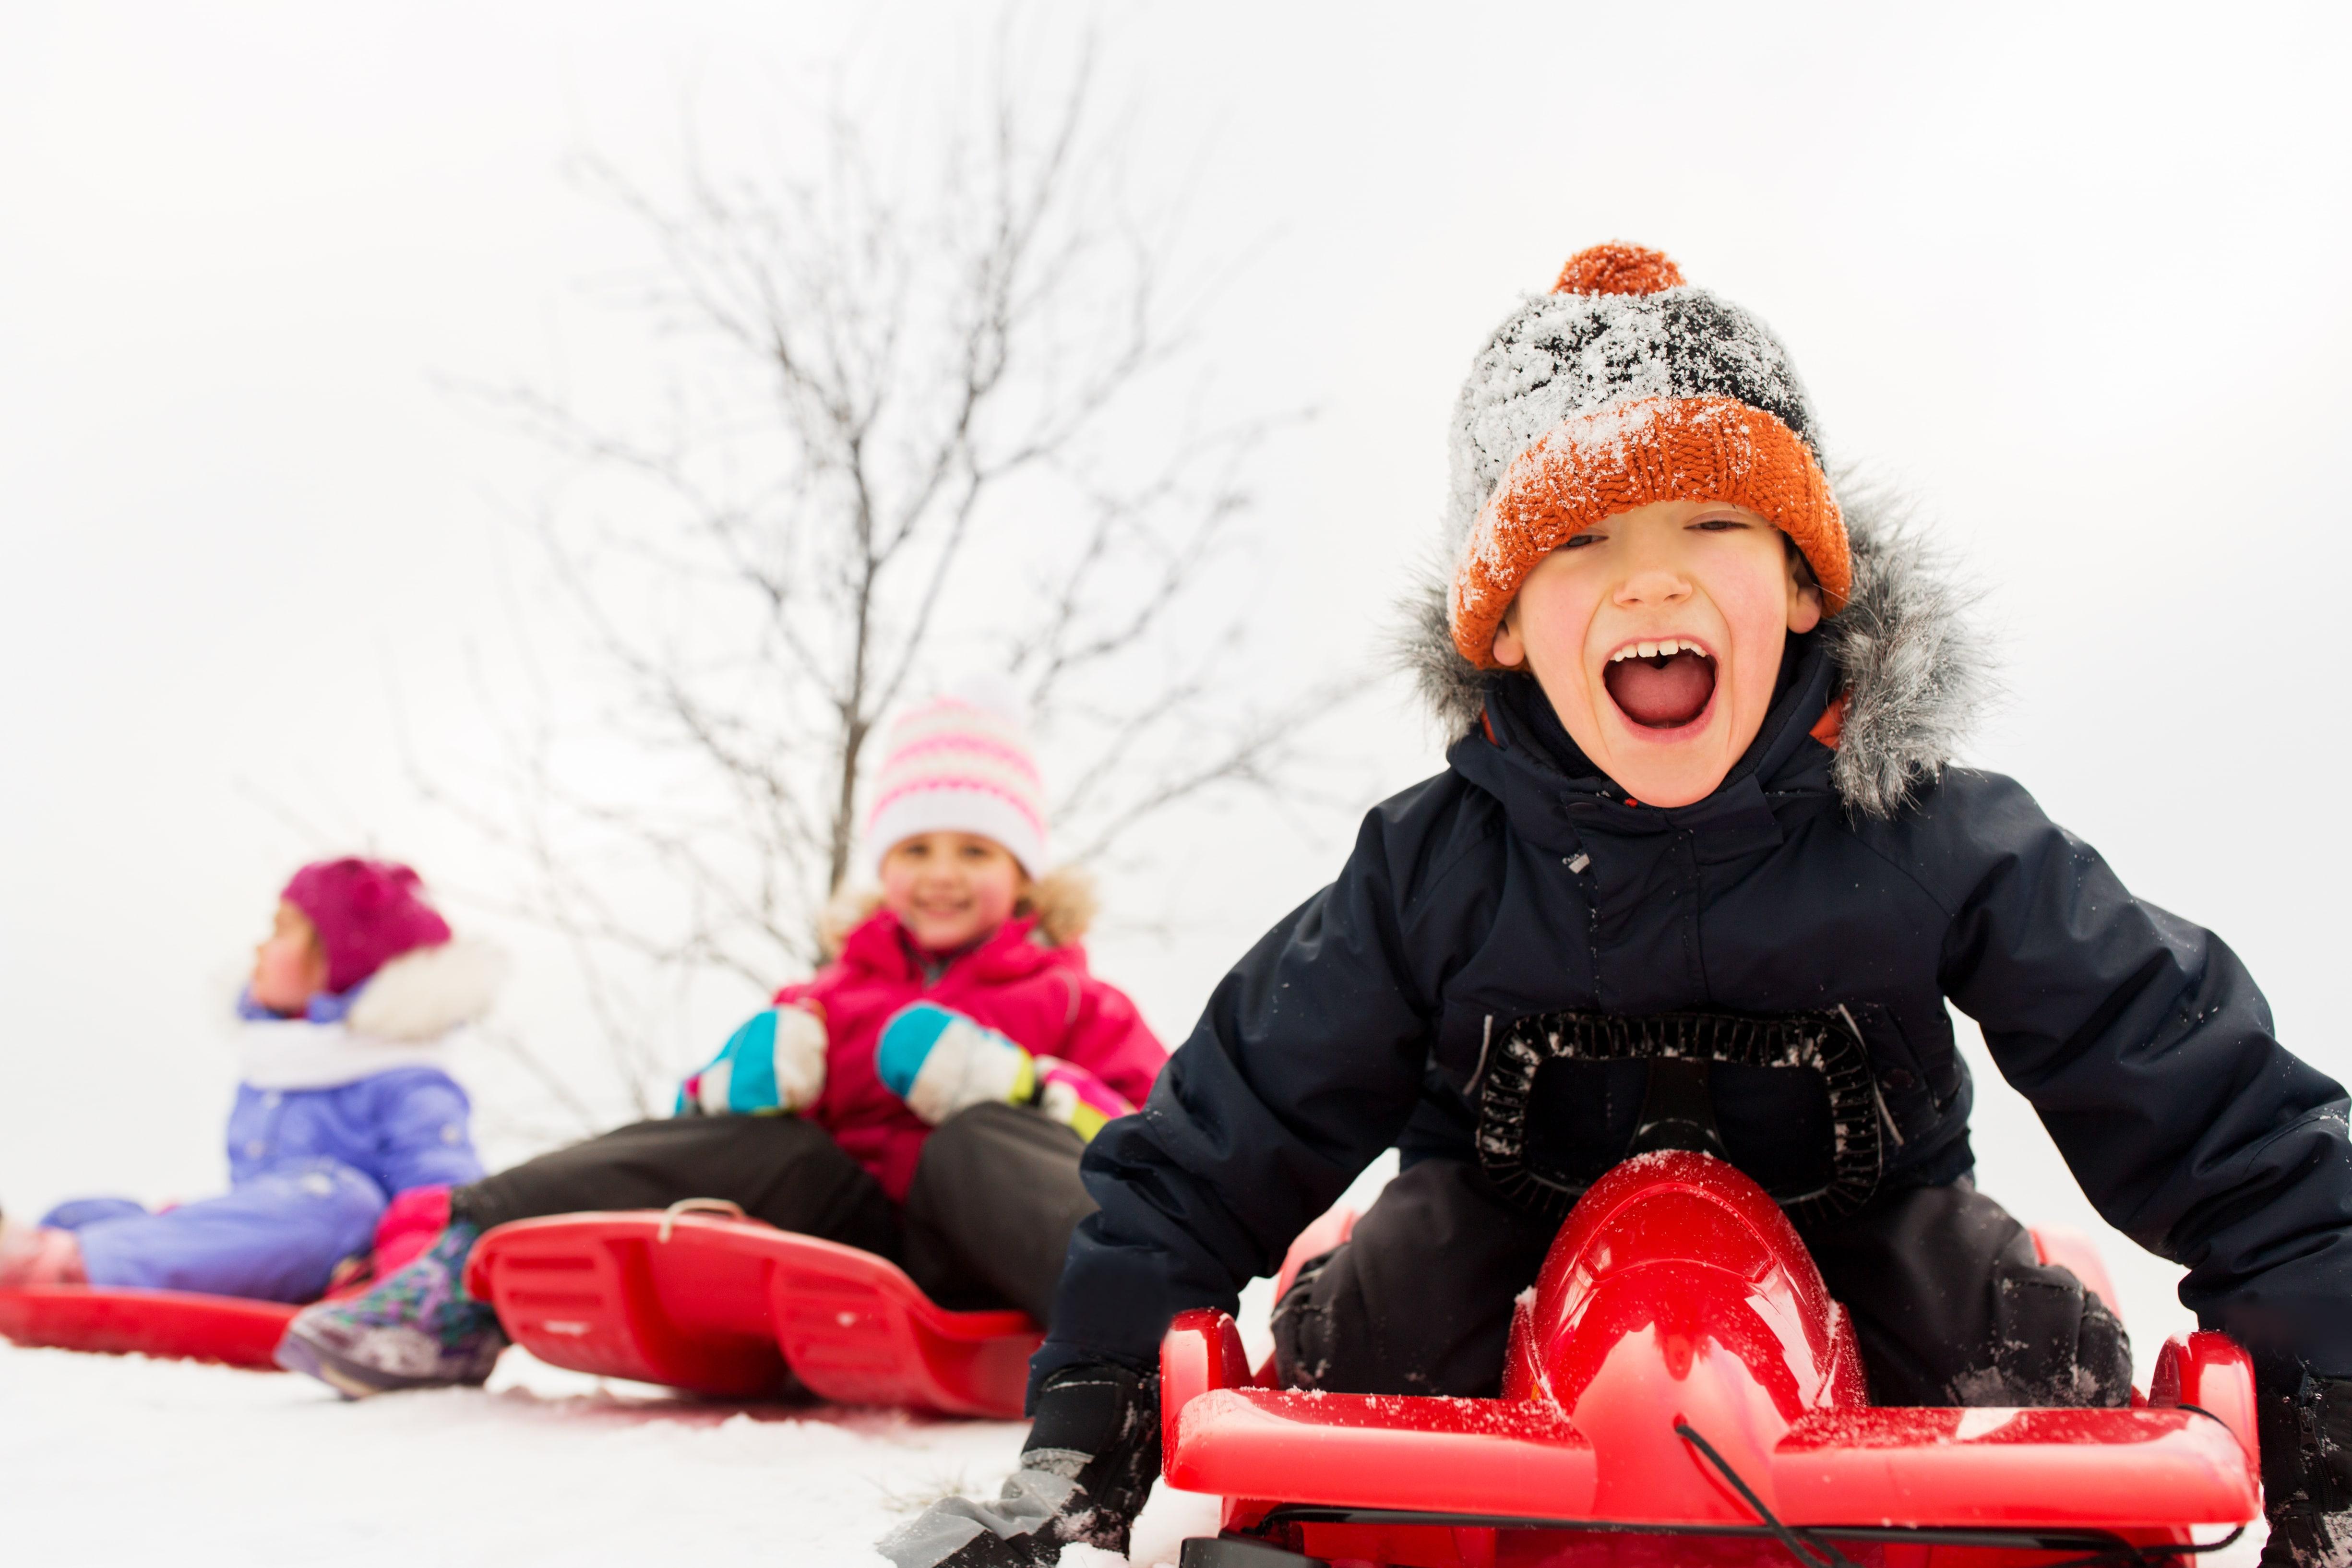 Sledding, Winter, Children, Snow